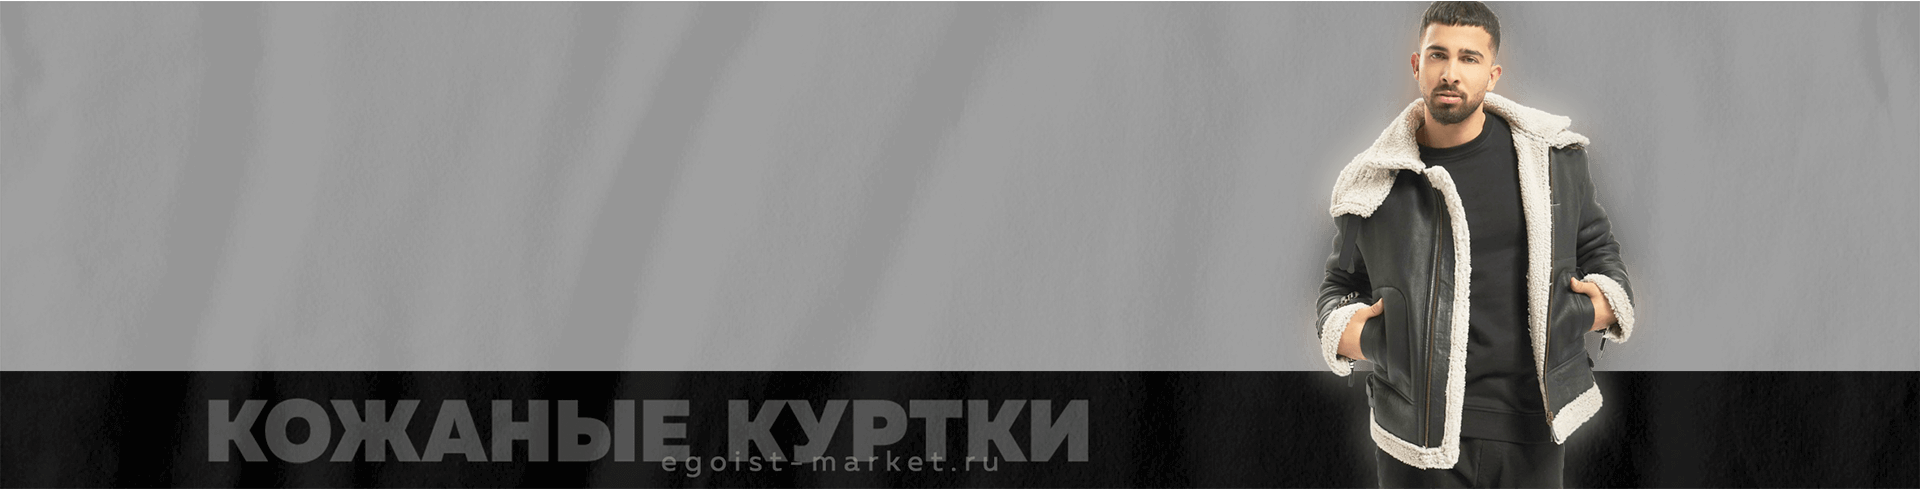 Купить брендовую мужскую кожаную куртку из кожи в интернет магазине EGOист маркет